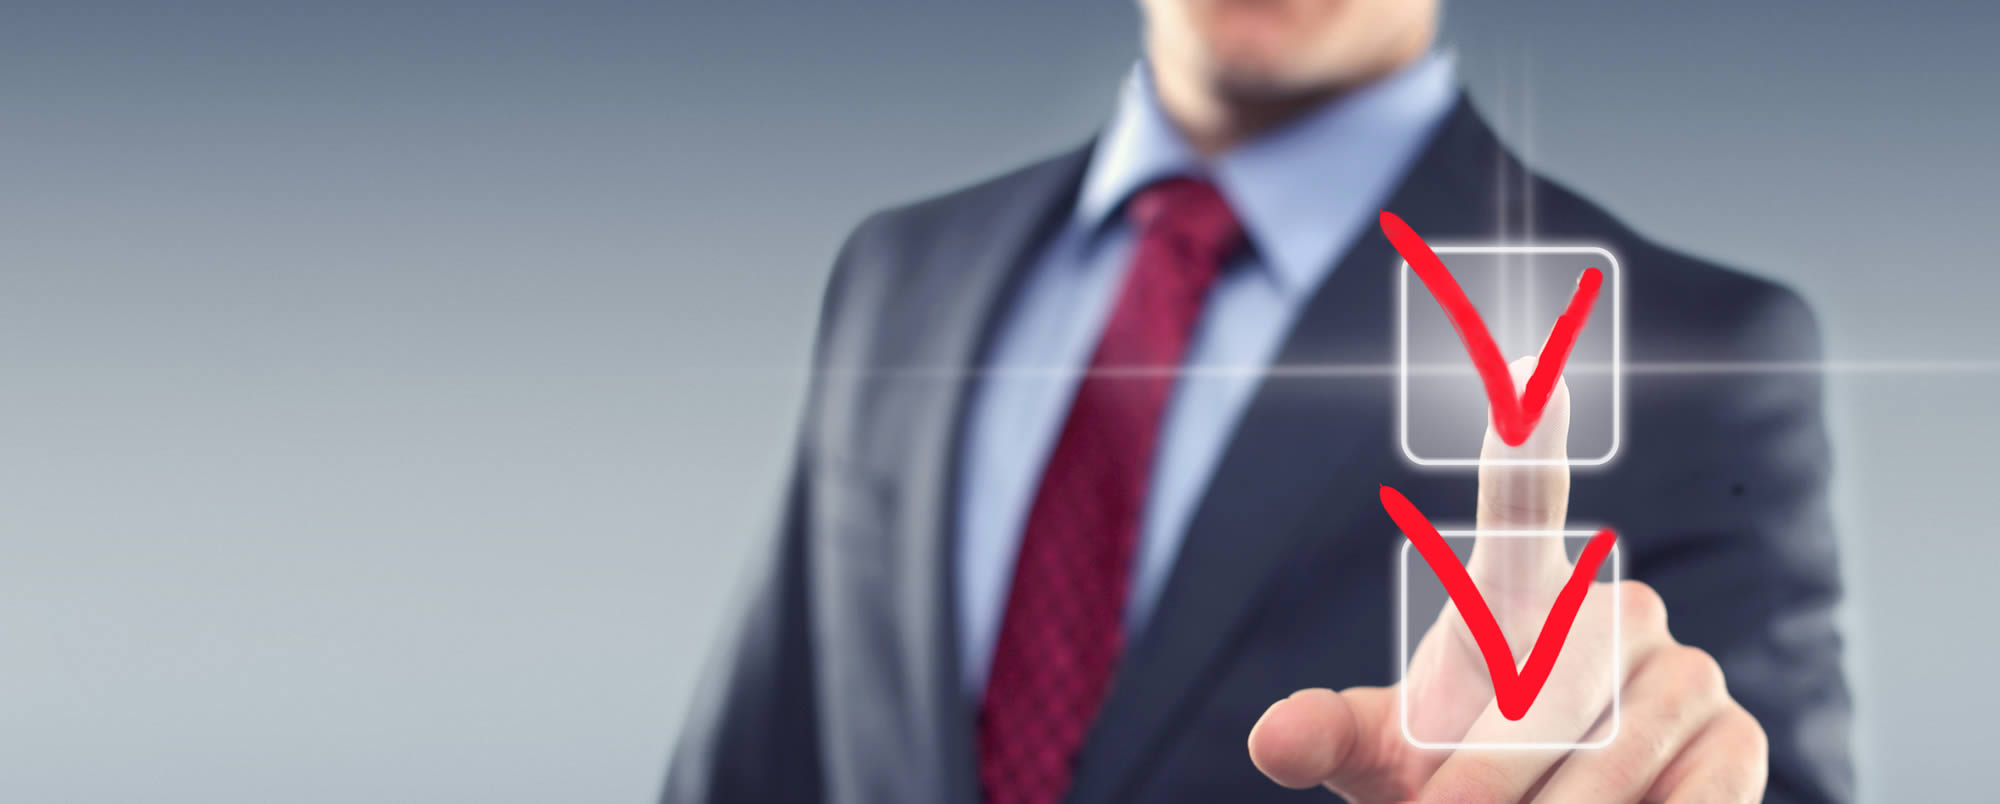 Formez vos équipes commerciales et améliorez votre performance !